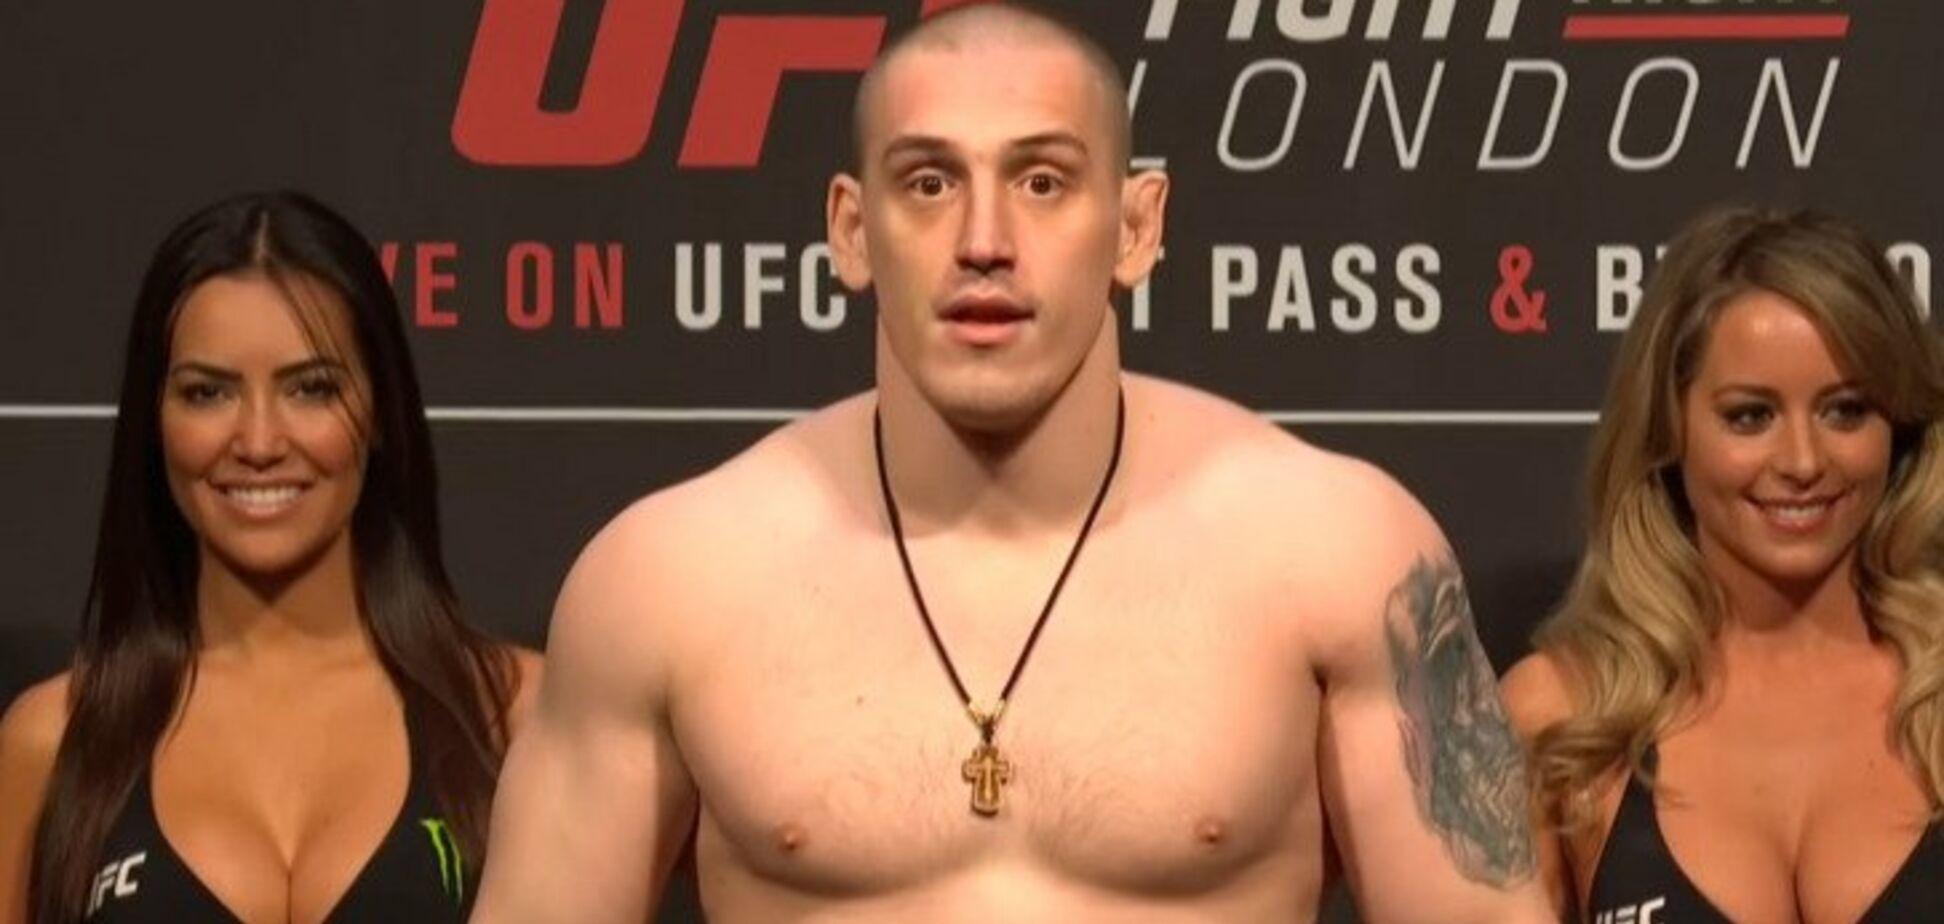 Викрадення з вимаганням: у Росії заарештували бійця UFC